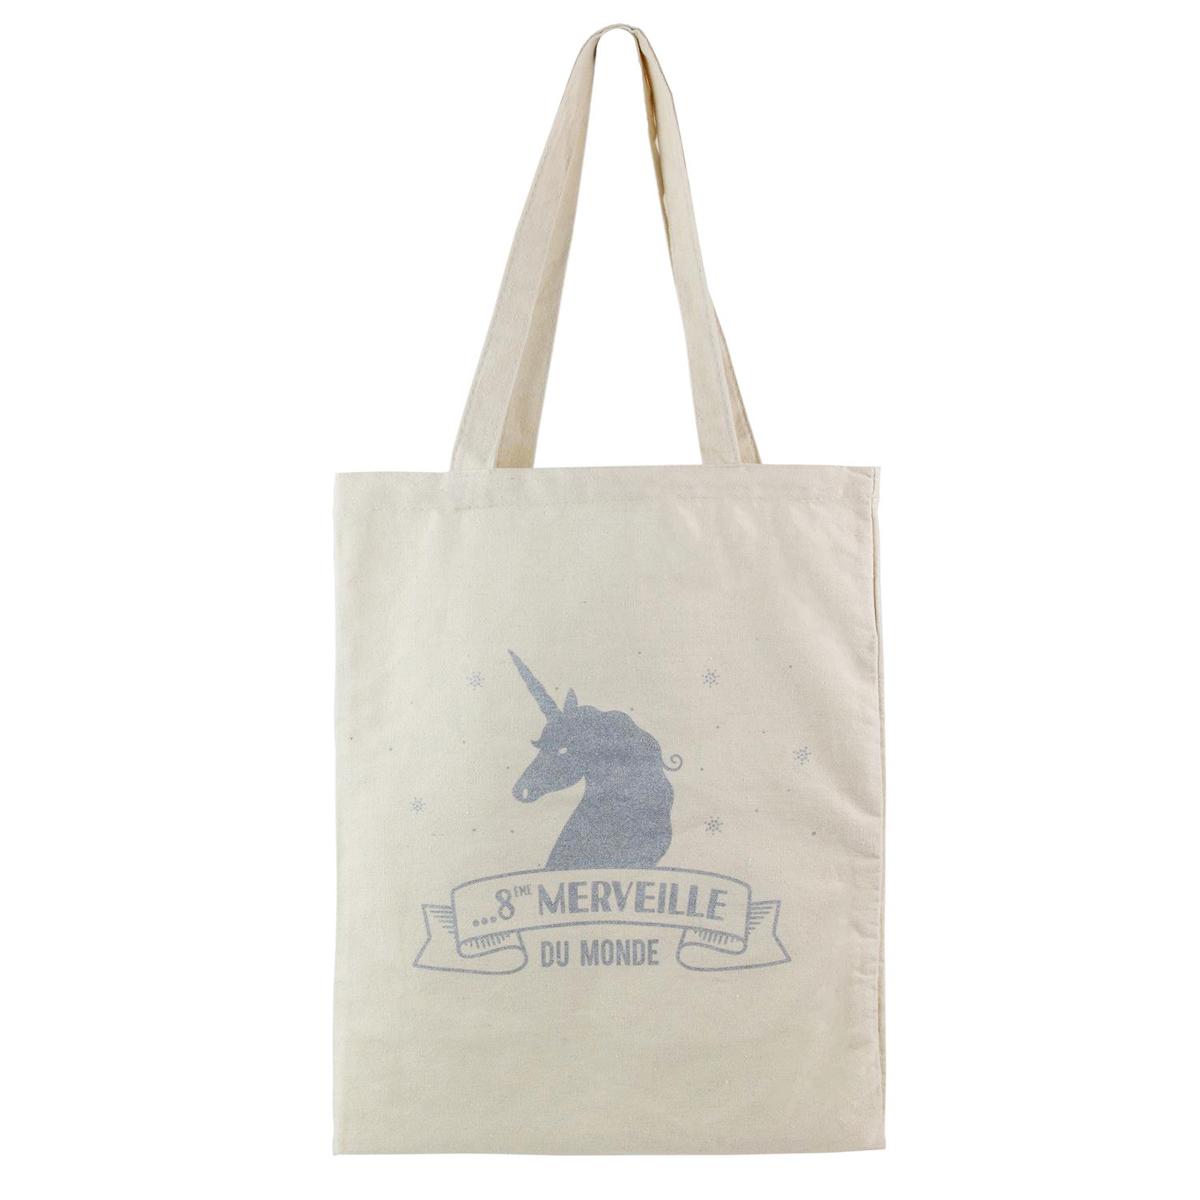 Sac coton / Tote bag \'Licorne My Unicorn\' beige argenté (8ème Merveille du Monde) -  41x345 cm - [Q0826]